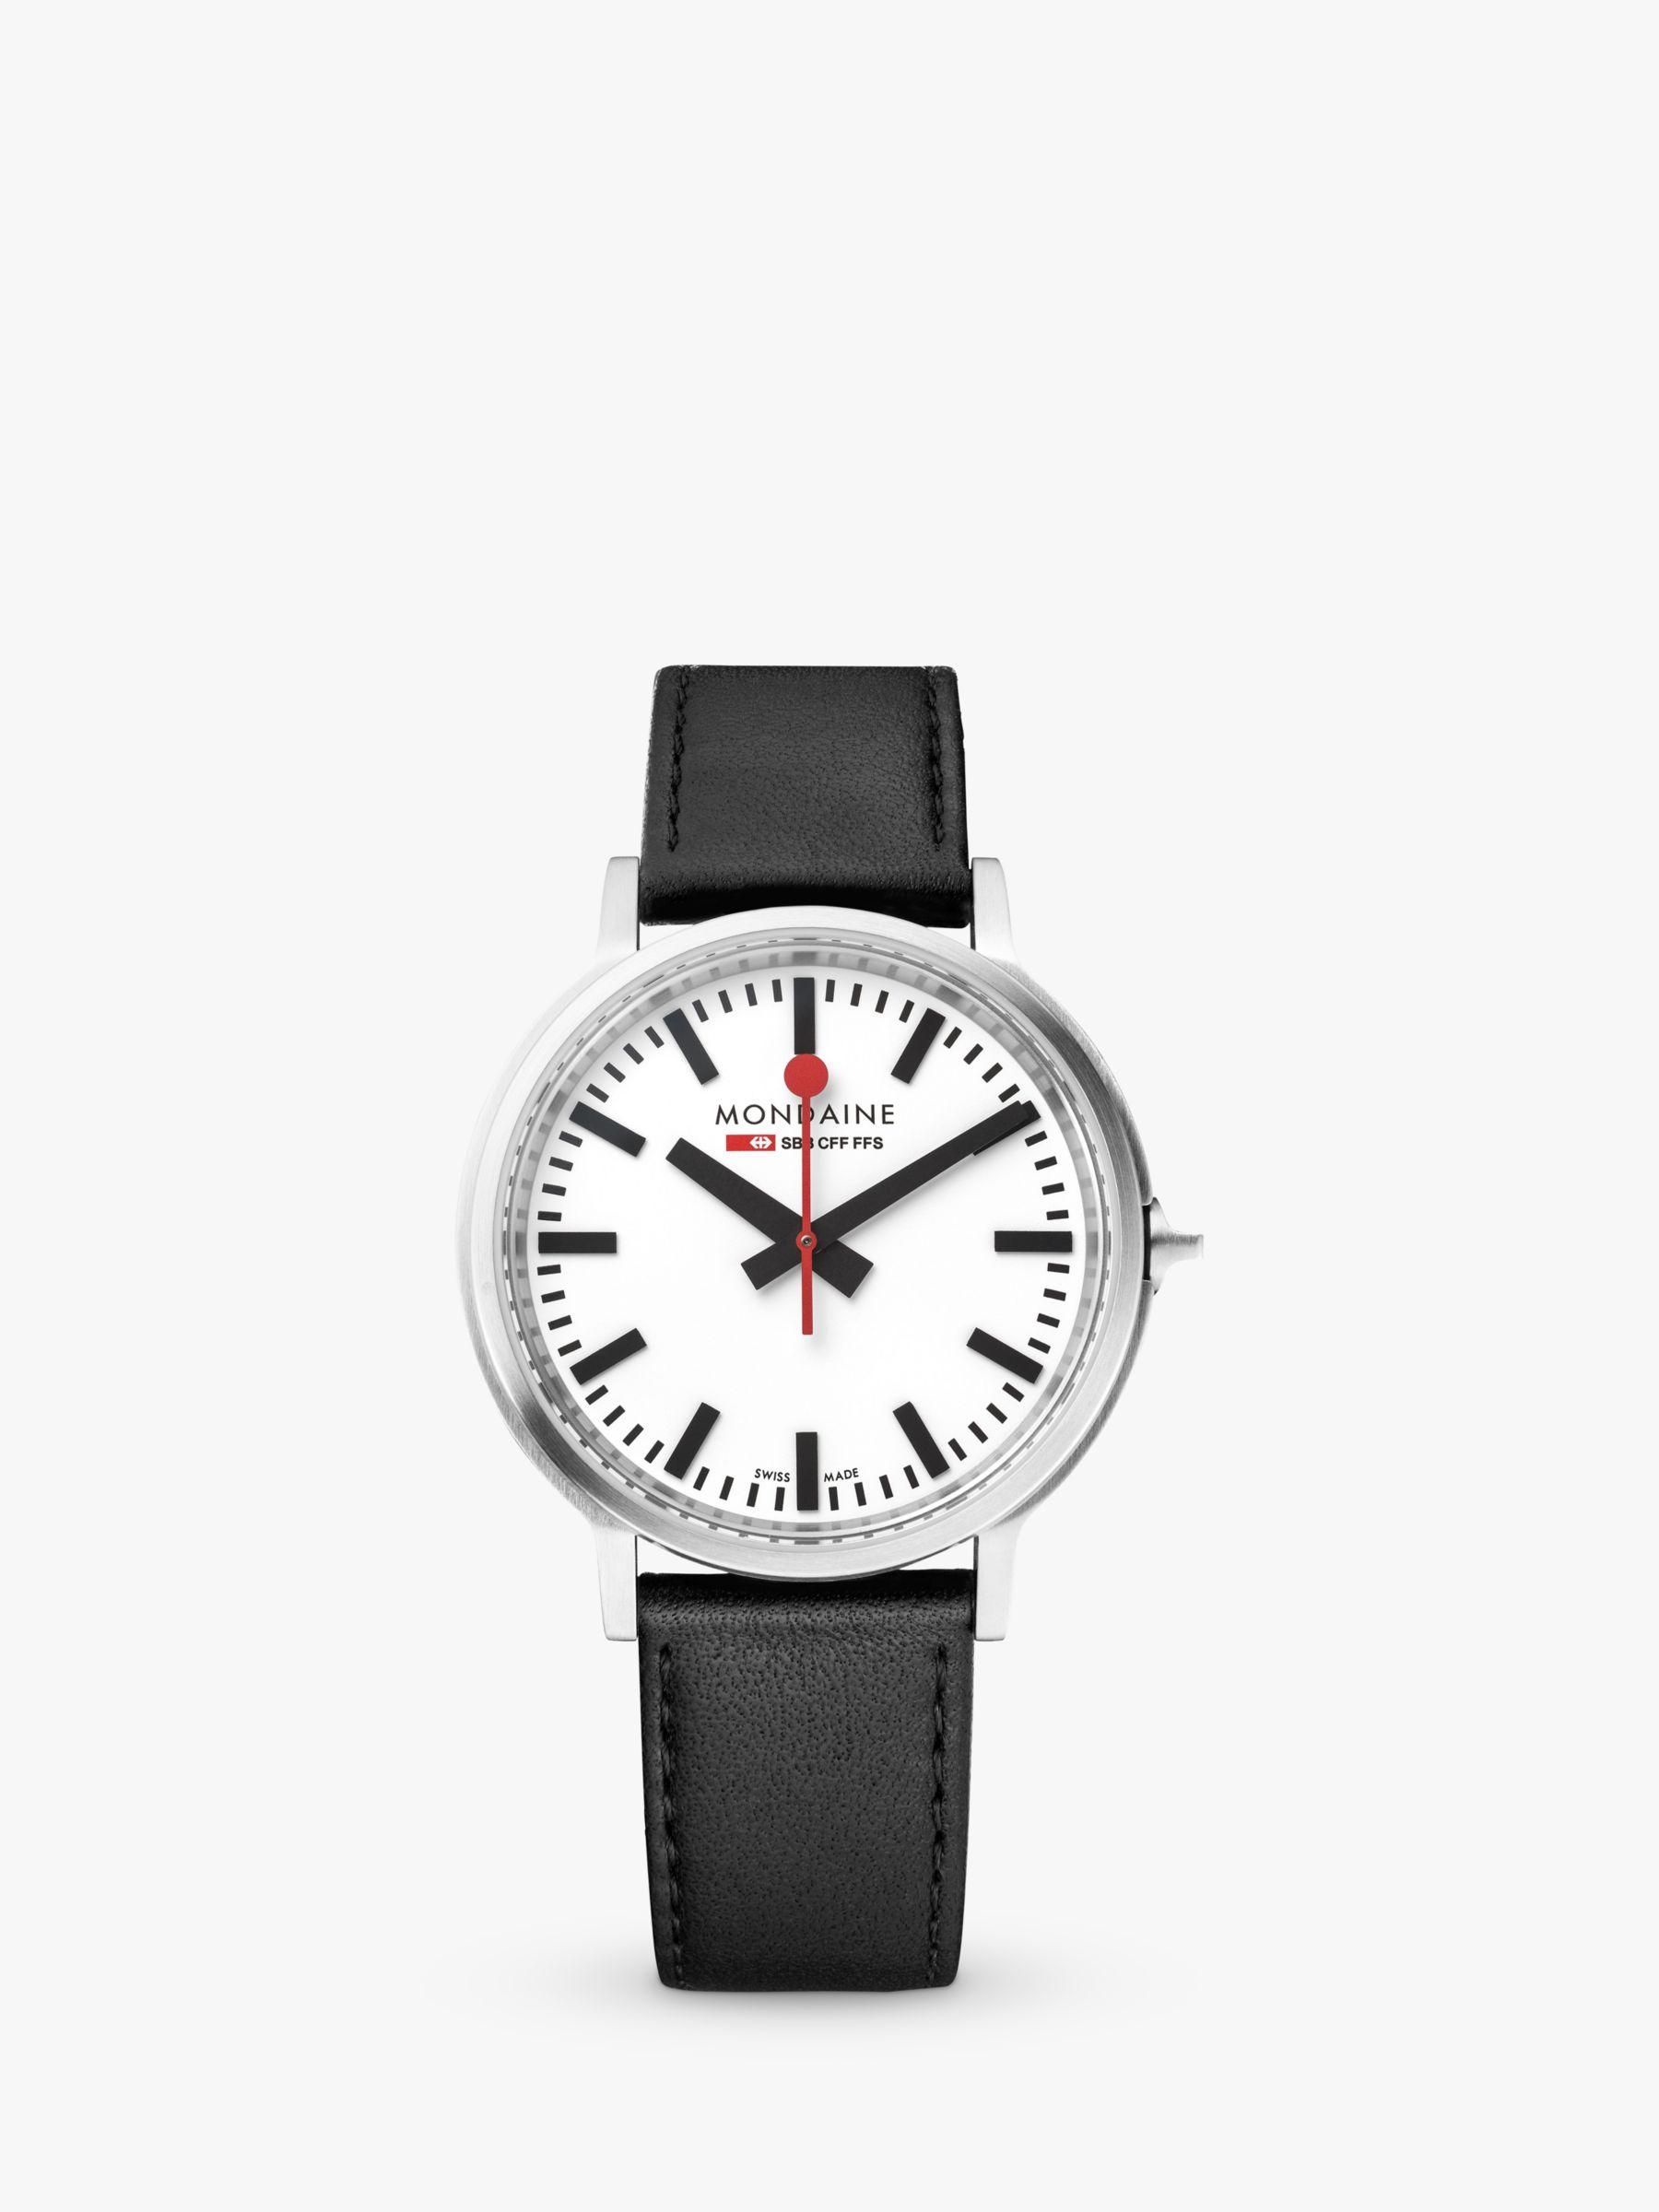 Mondaine Mondaine MST.4101B.LB Unisex Stop 2 Go Leather Strap Watch, Black/White